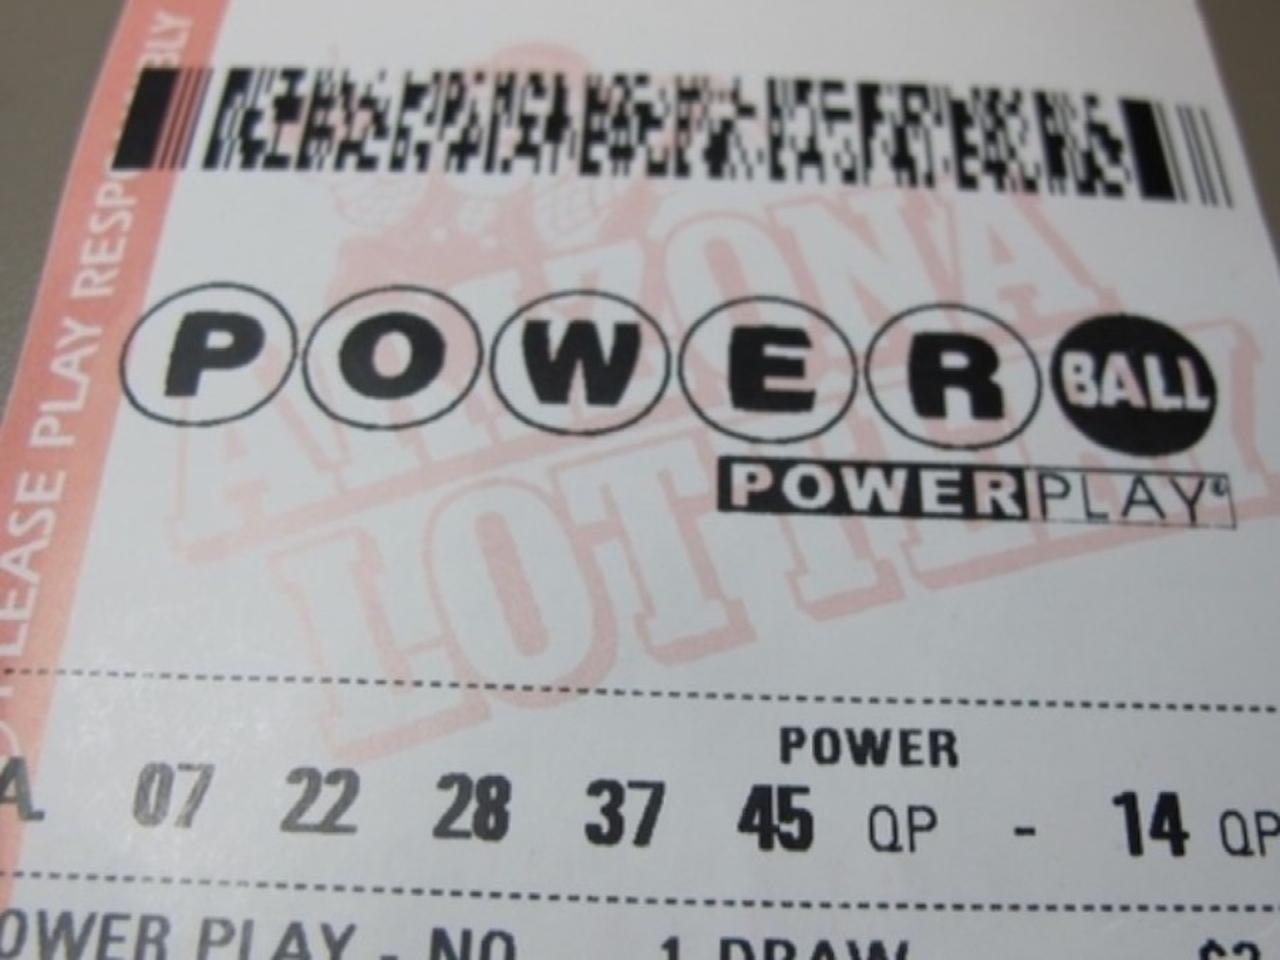 CURSE? The tragic stories of big jackpot winners - ABC15 Digital